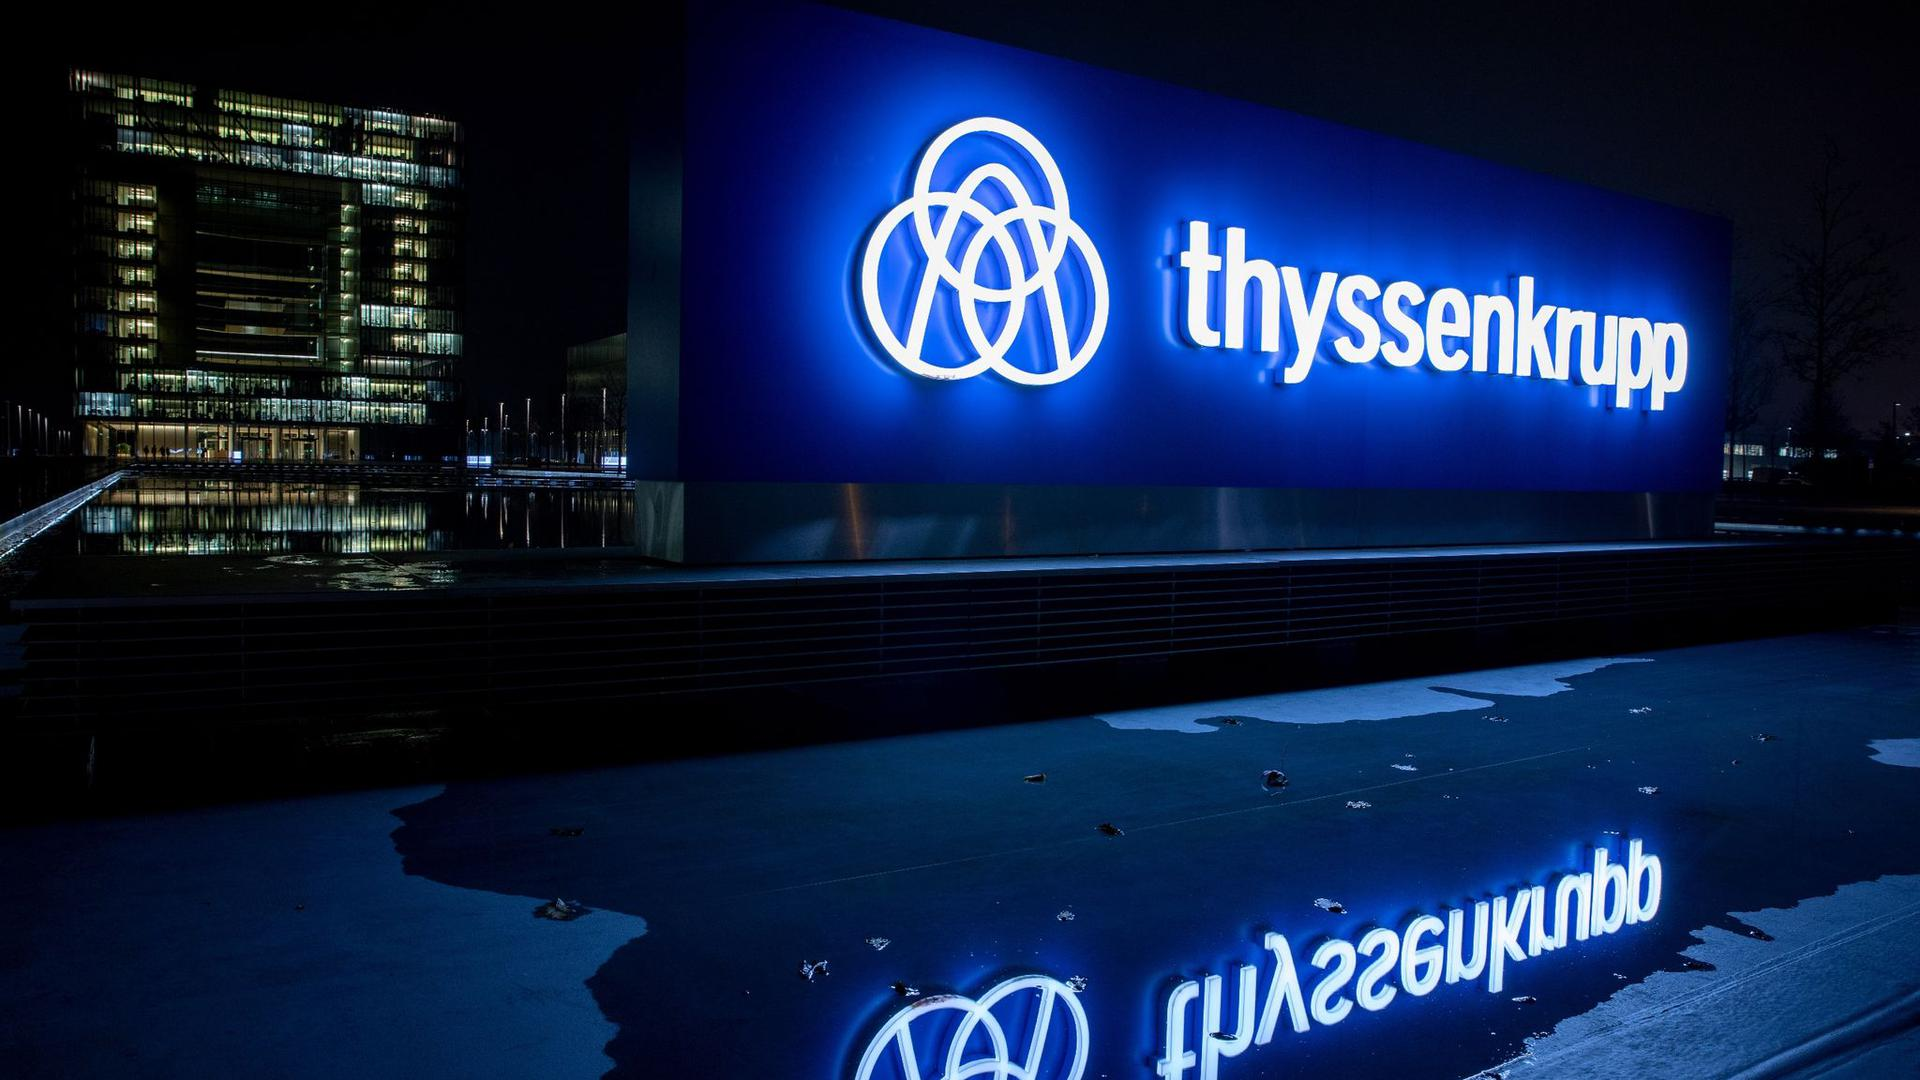 Die Corona-Krise macht Thyssenkrupp schwer zu schaffen.